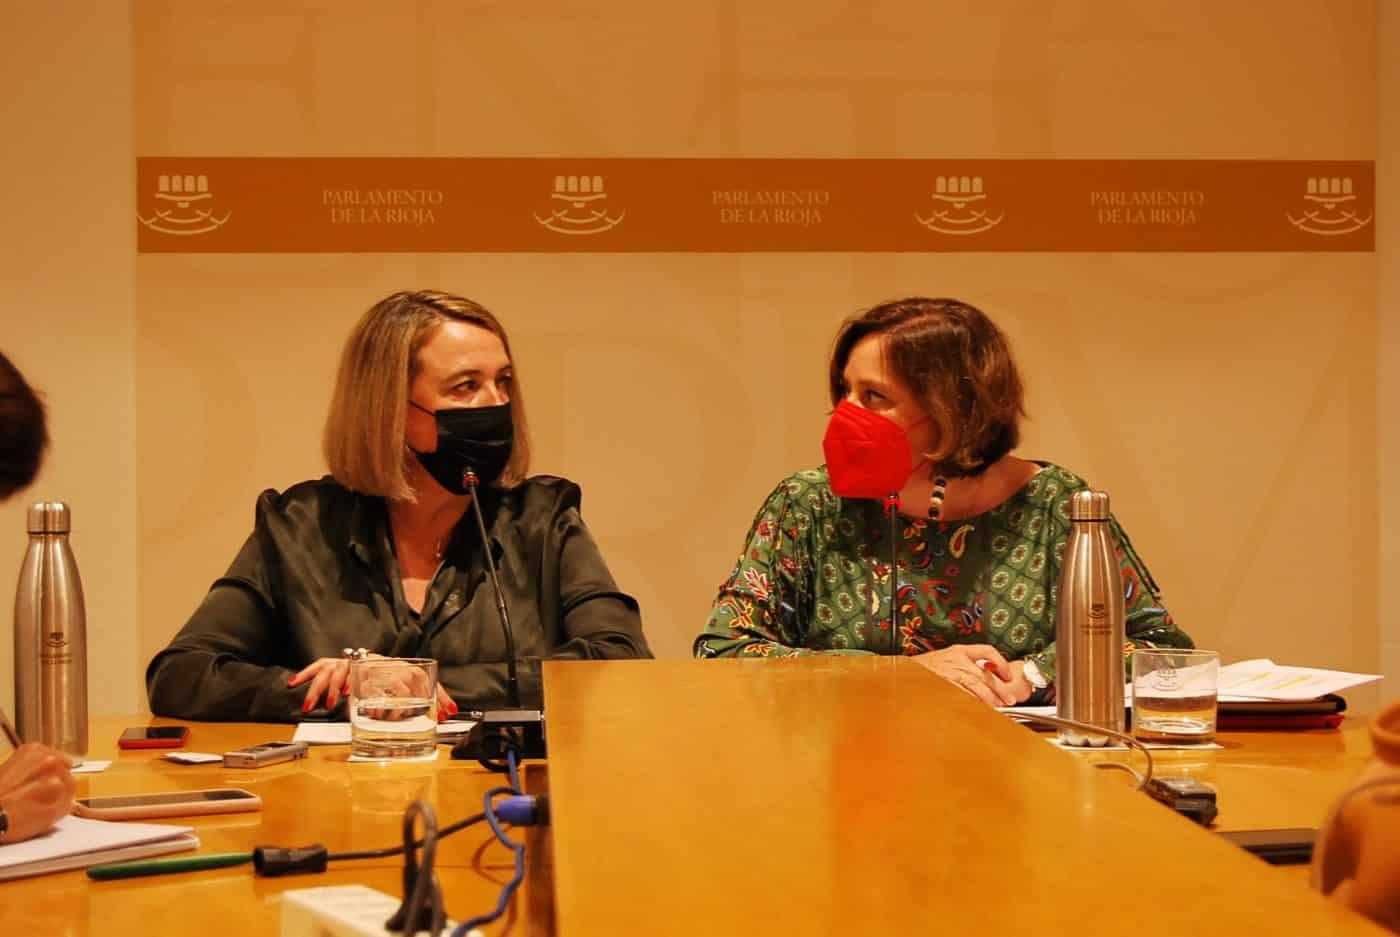 La Rioja lanza el 'ticket agrario' para ayudar a las pequeñas explotaciones agrarias de jóvenes profesionales 1